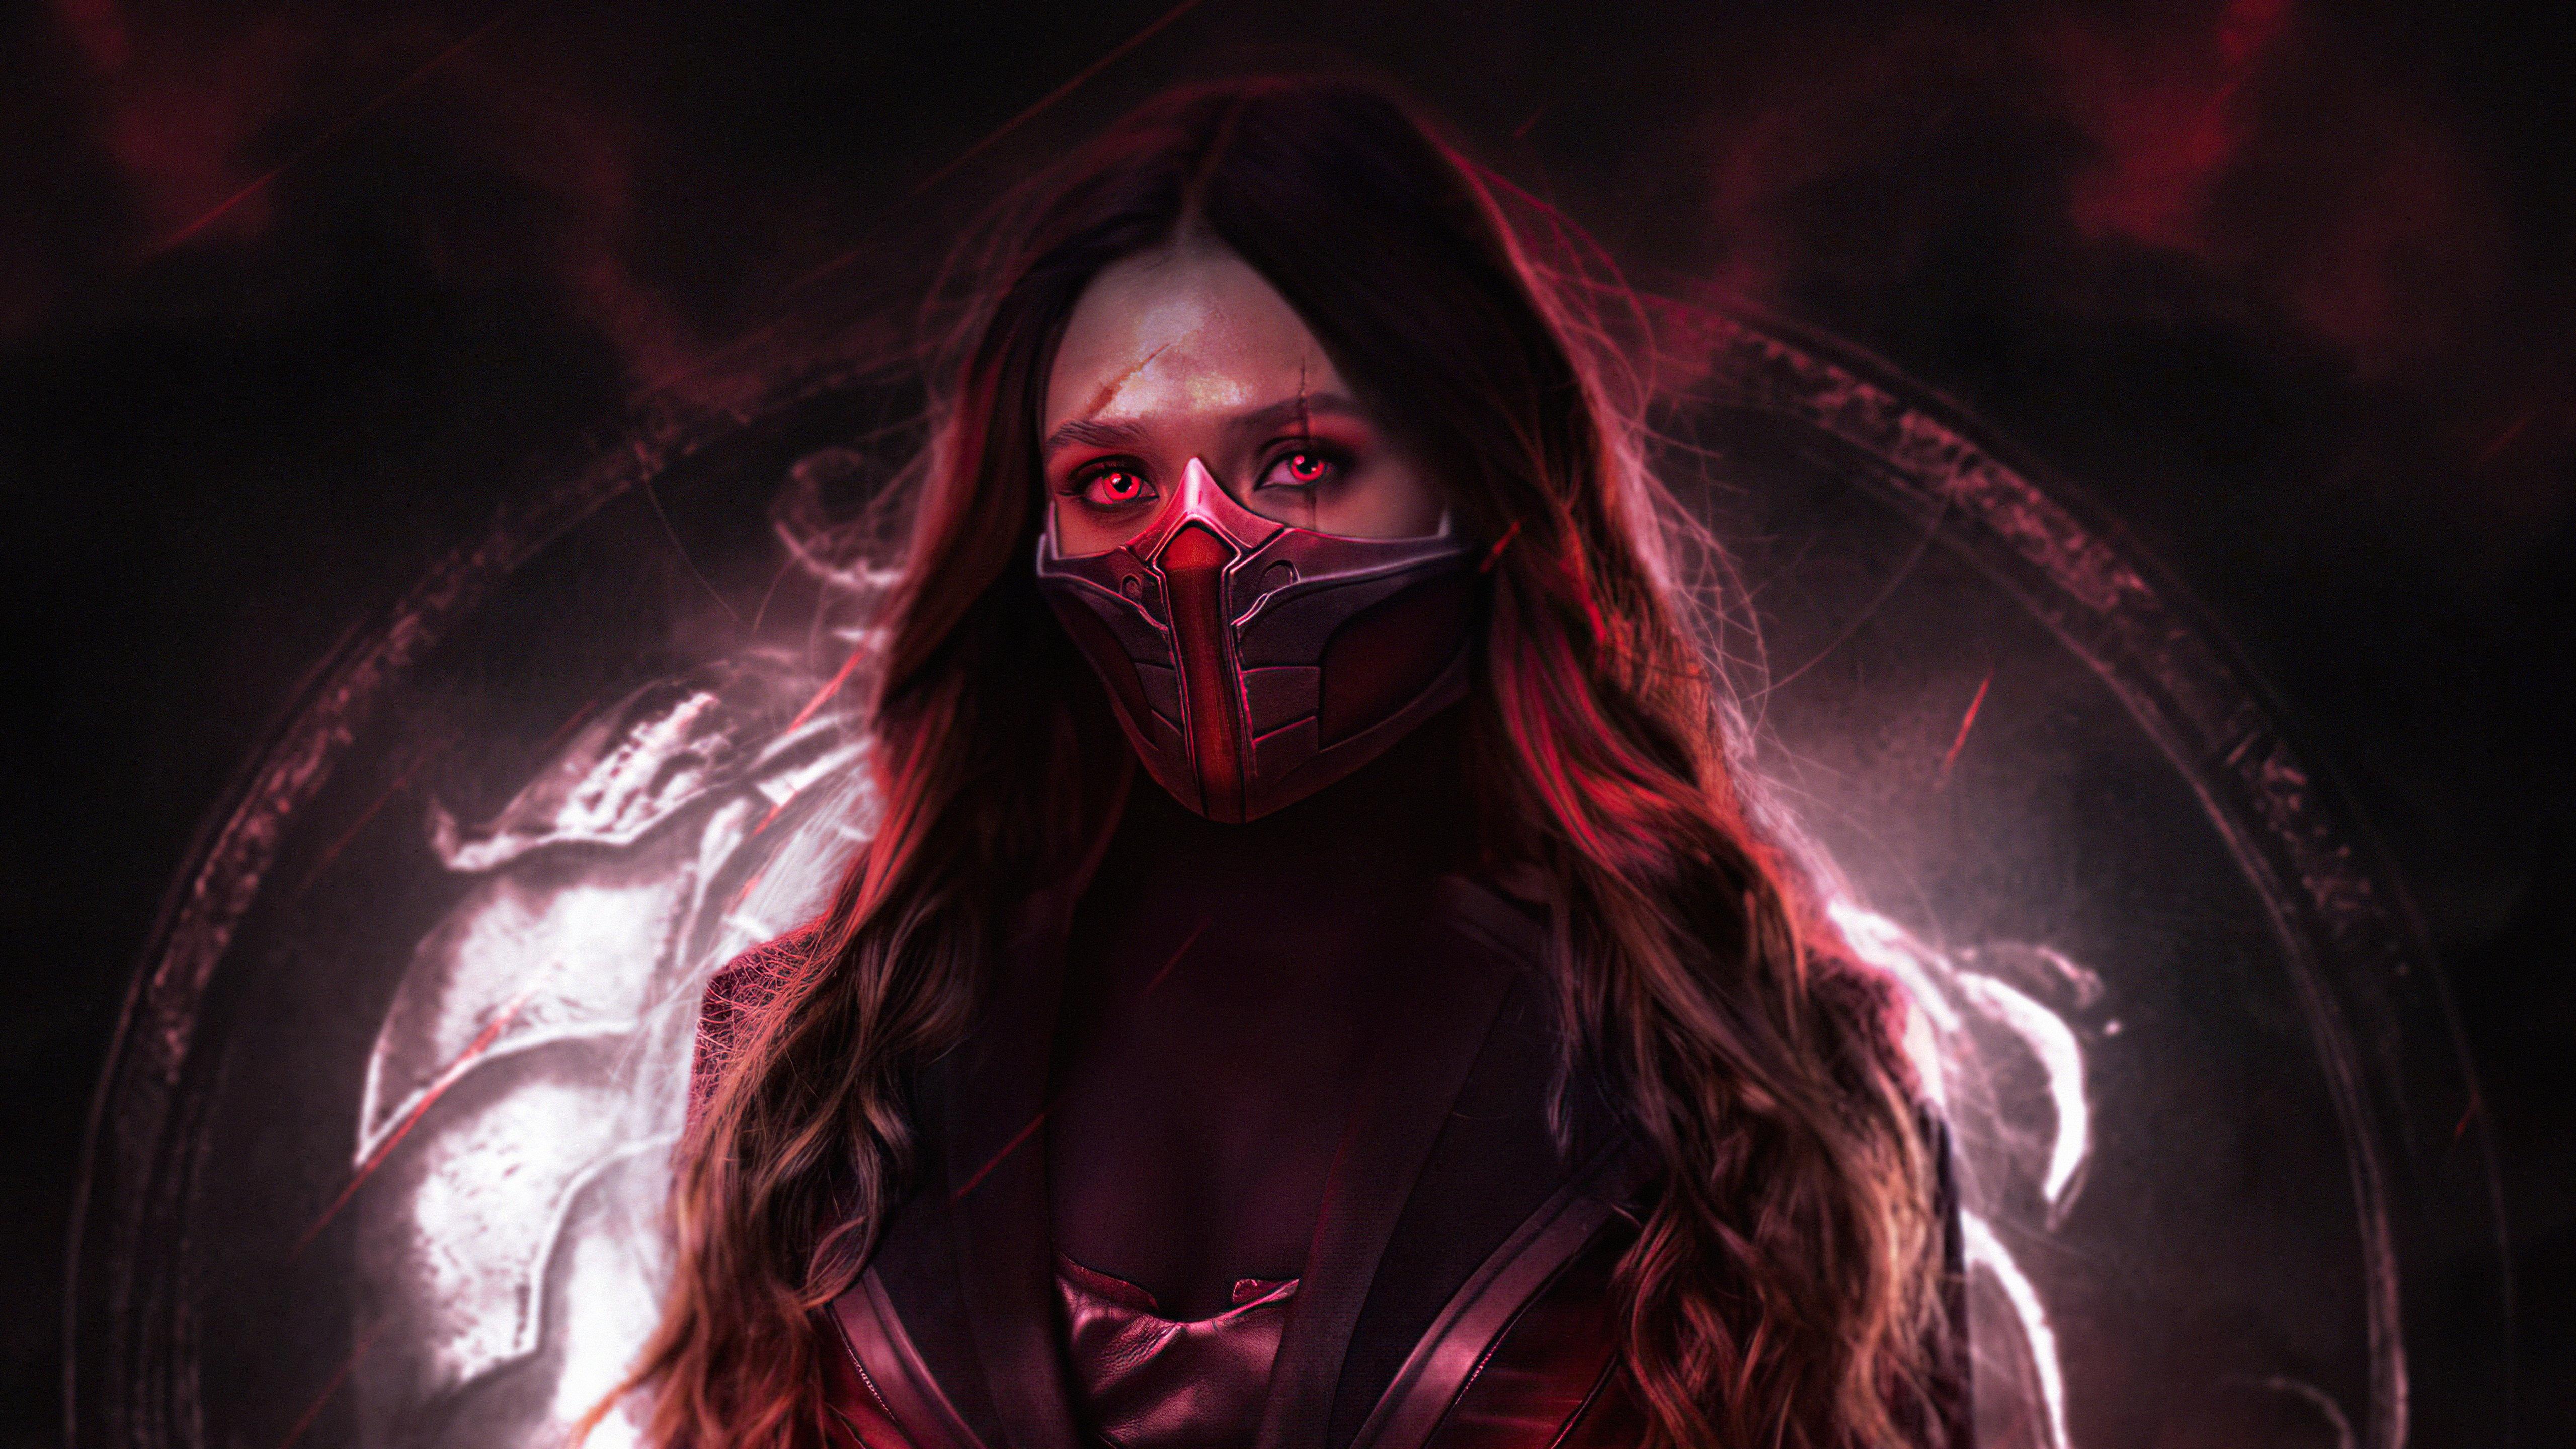 Wallpaper Wanda Scarlet Witch